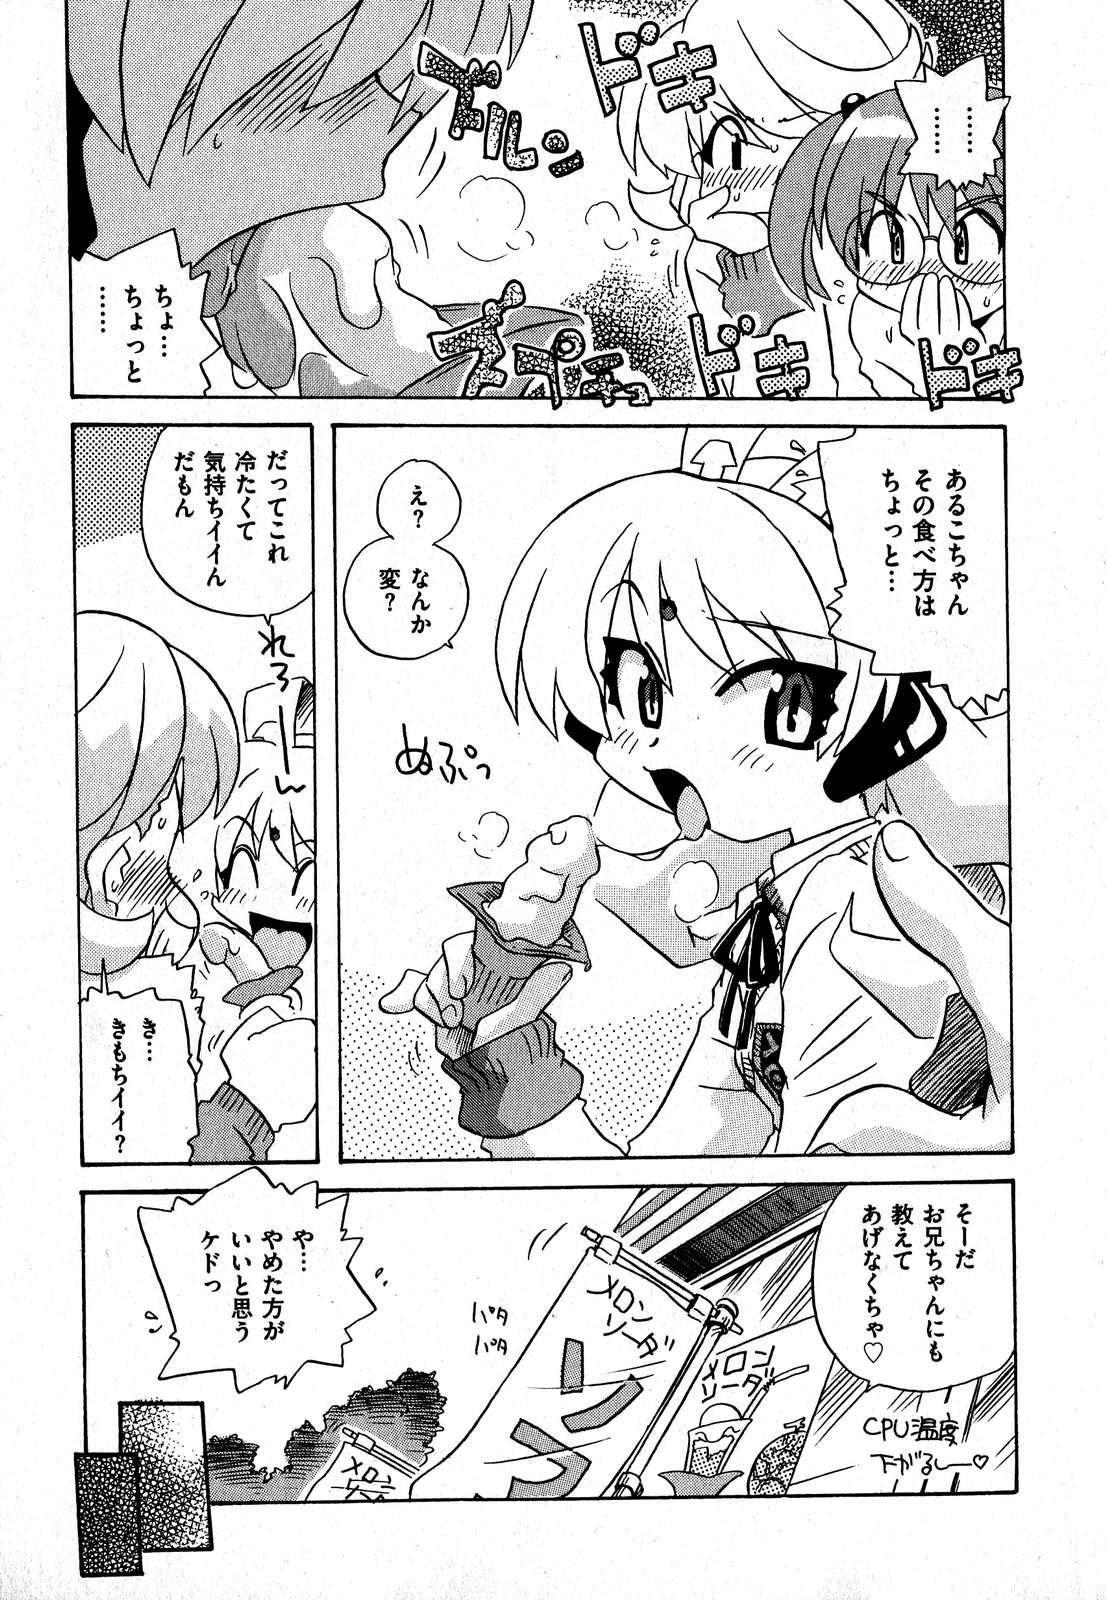 COMIC XO 2007-09 Vol. 16 212